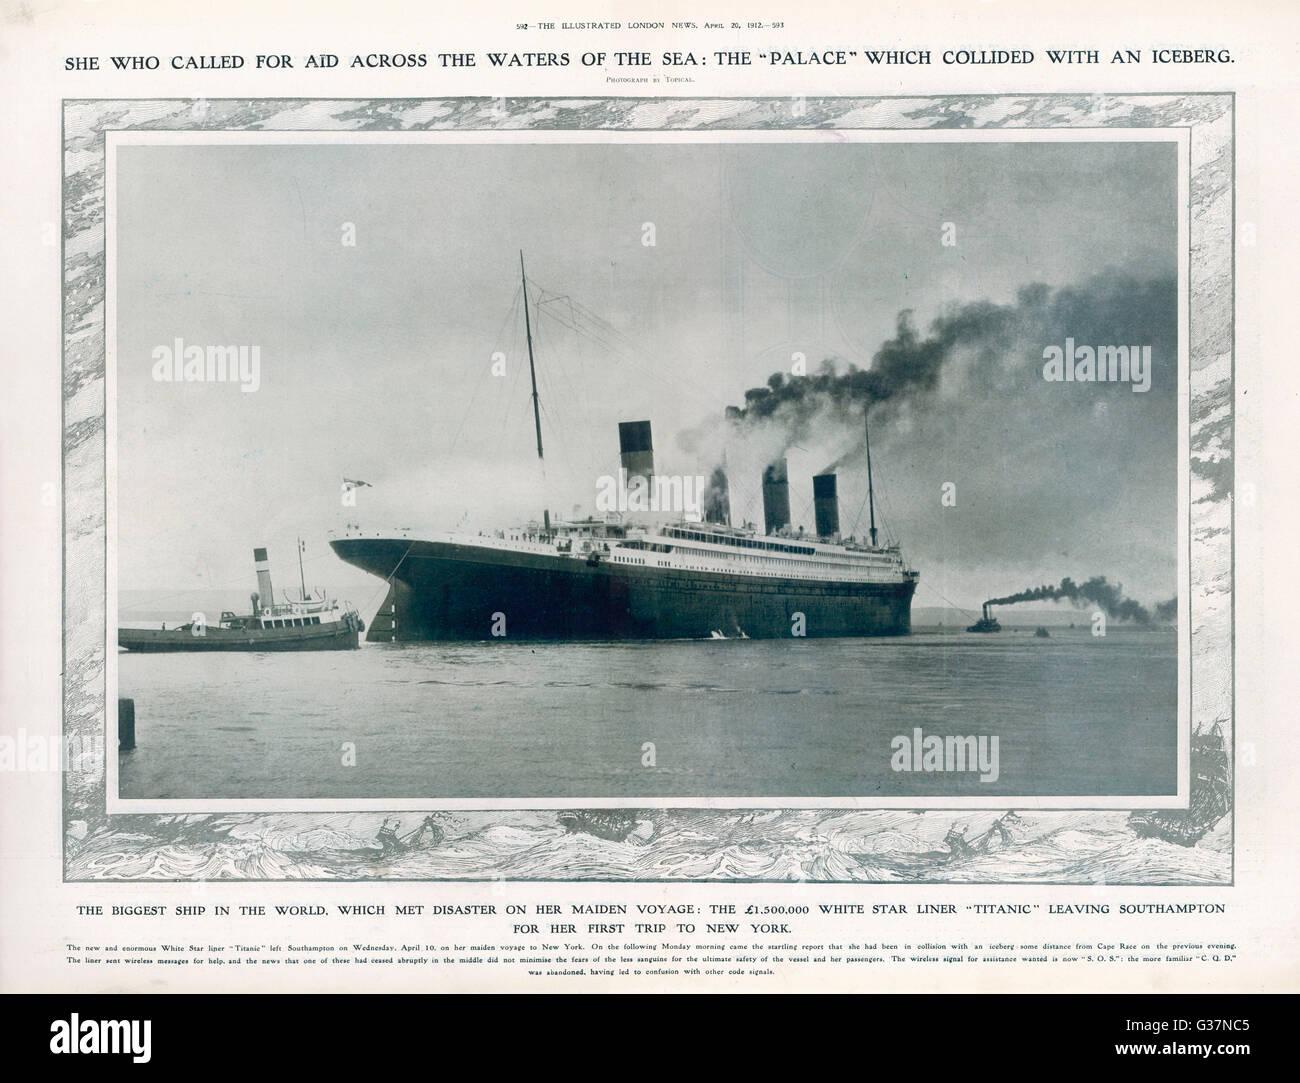 Die SS Titanic Southampton verlassen, seine ill-fated Reise anzutreten. Das Heck des Schiffes als es Hafen verlässt. Stockfoto